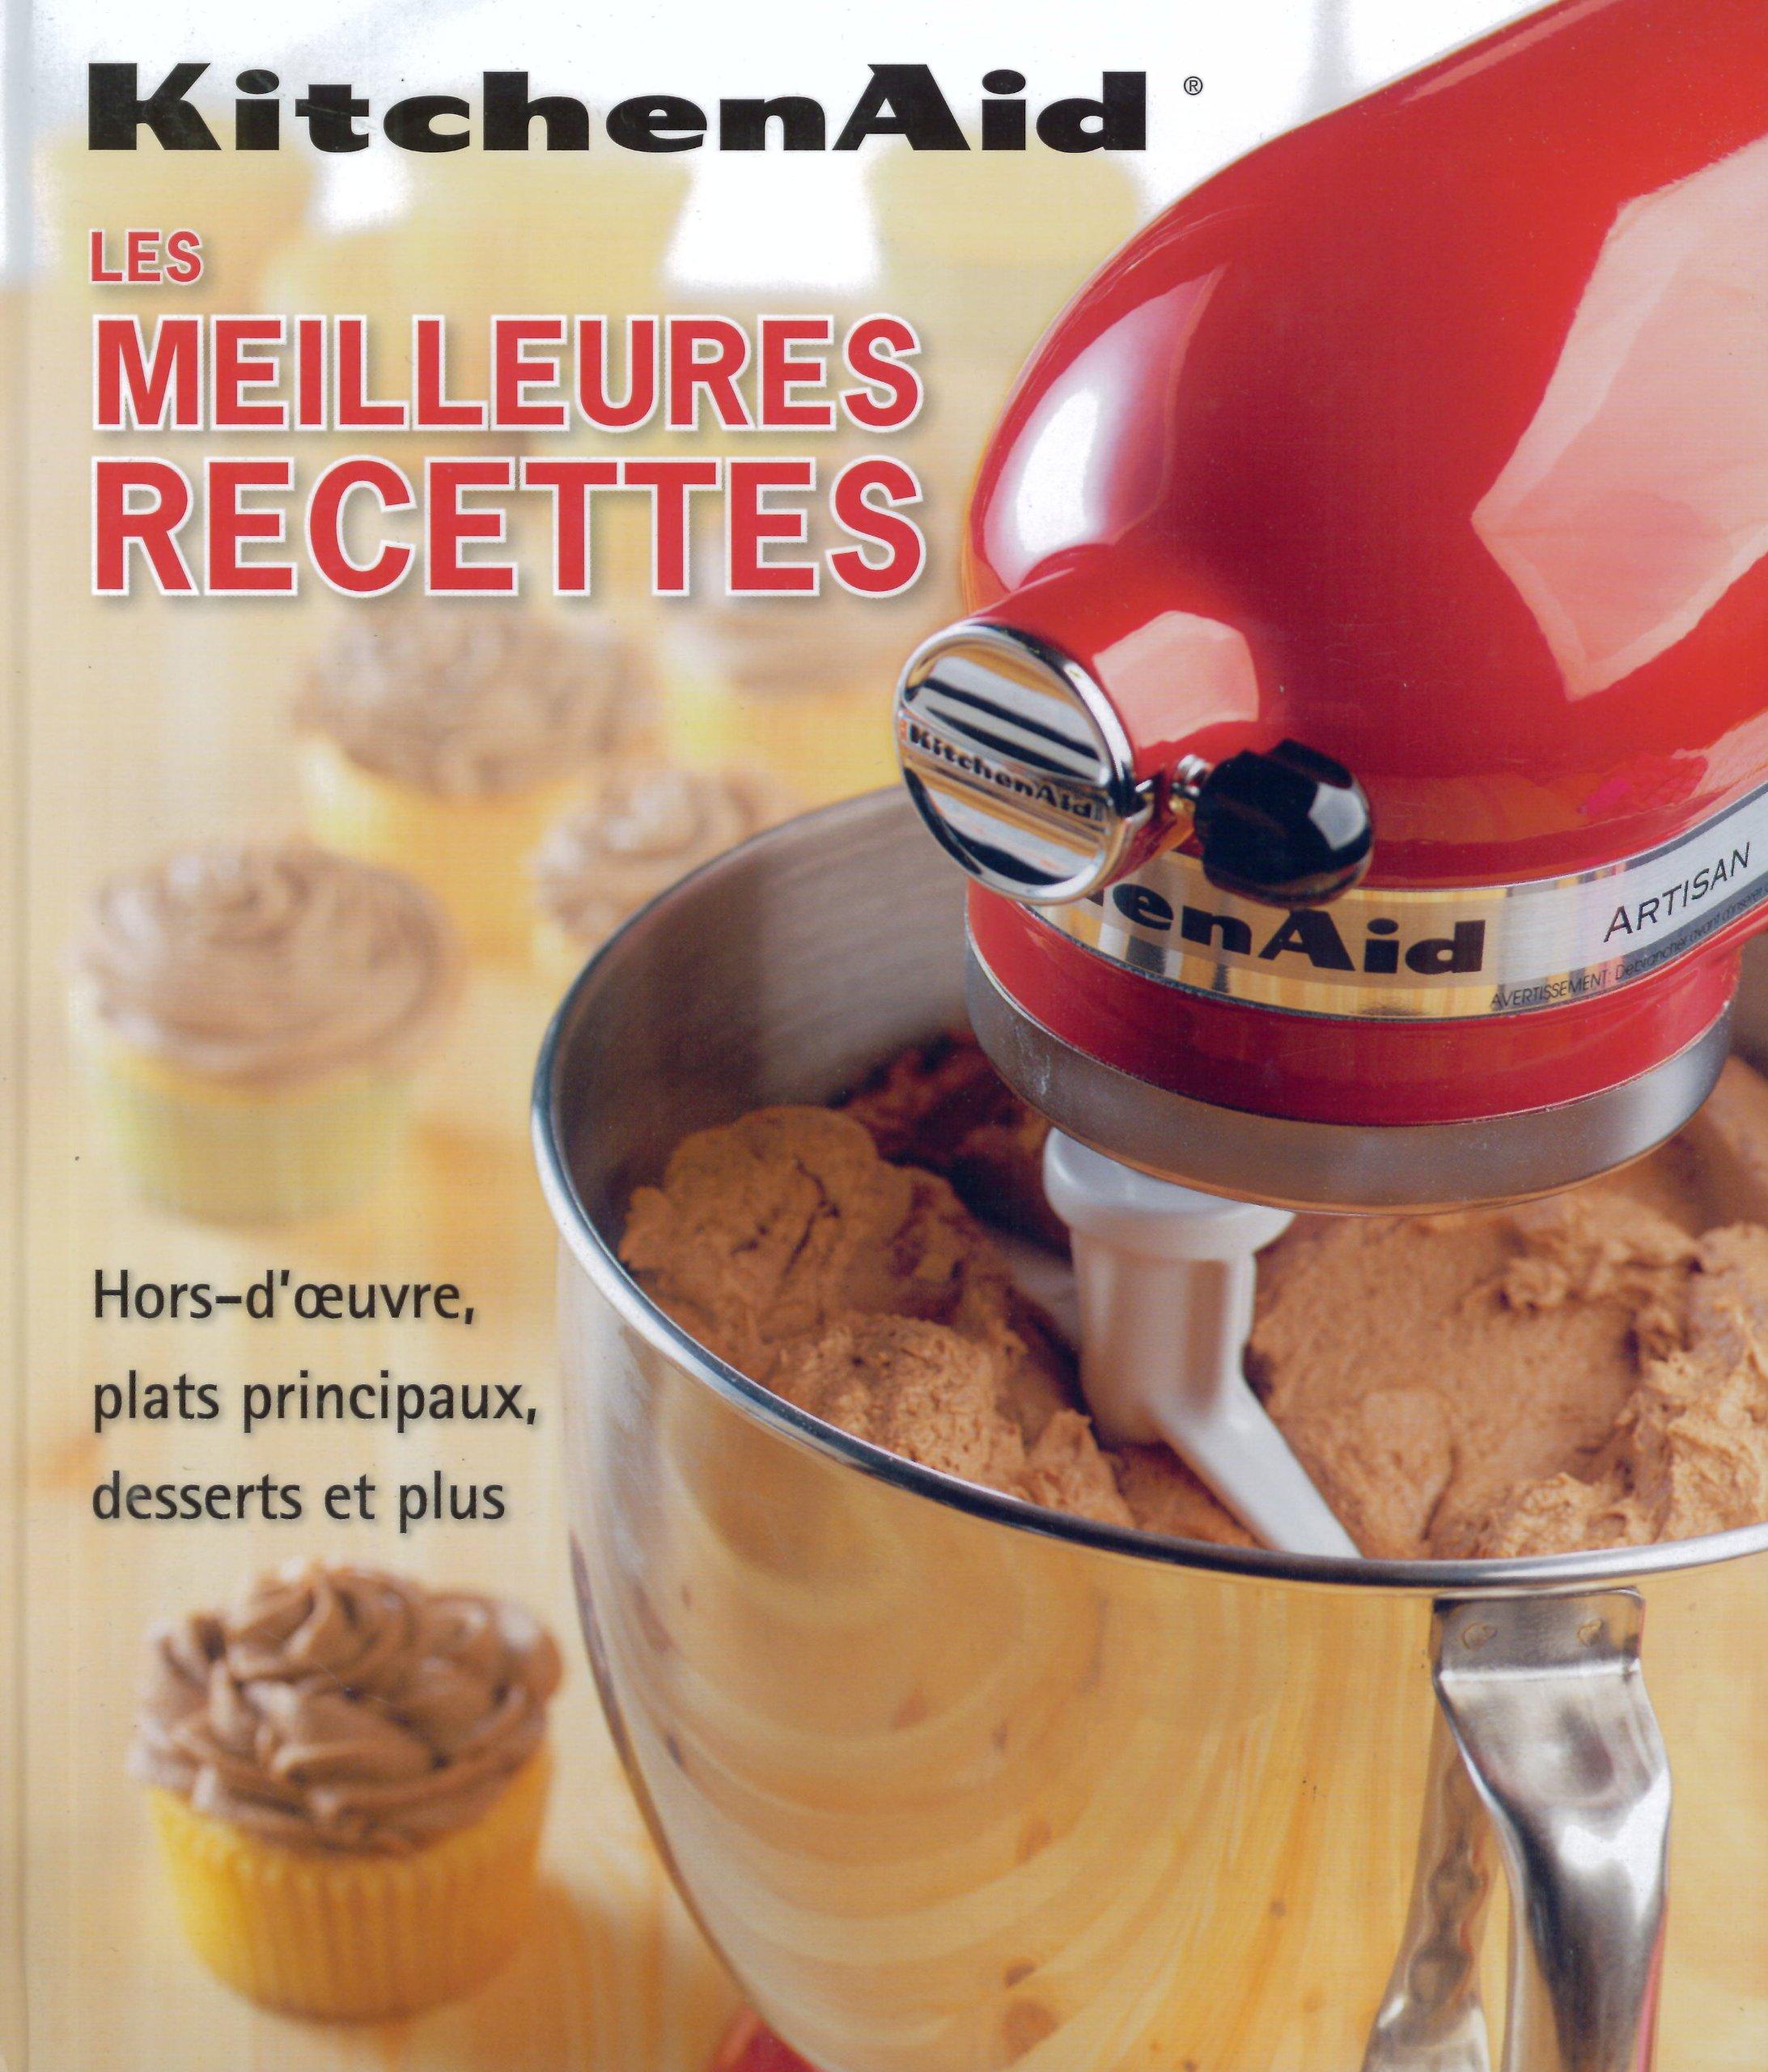 kitchenaid livre recette